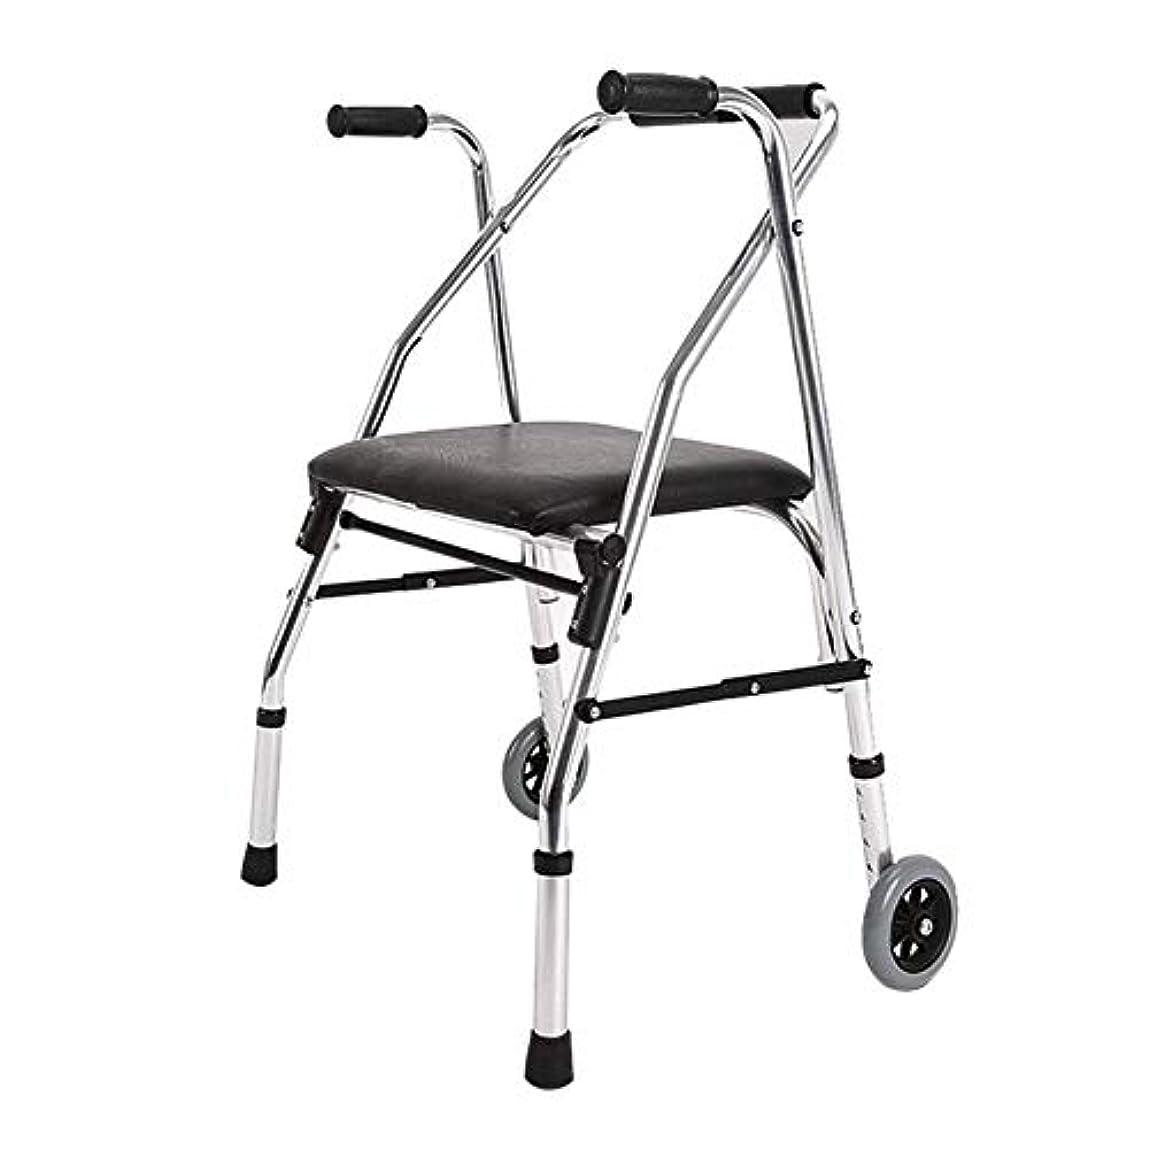 かどうか中断ムスタチオ軽量ウォーカー、パッド入りシートとバッグコンパクト折りたたみデザイン高齢者ウォーカー付きアルミニウムローラー